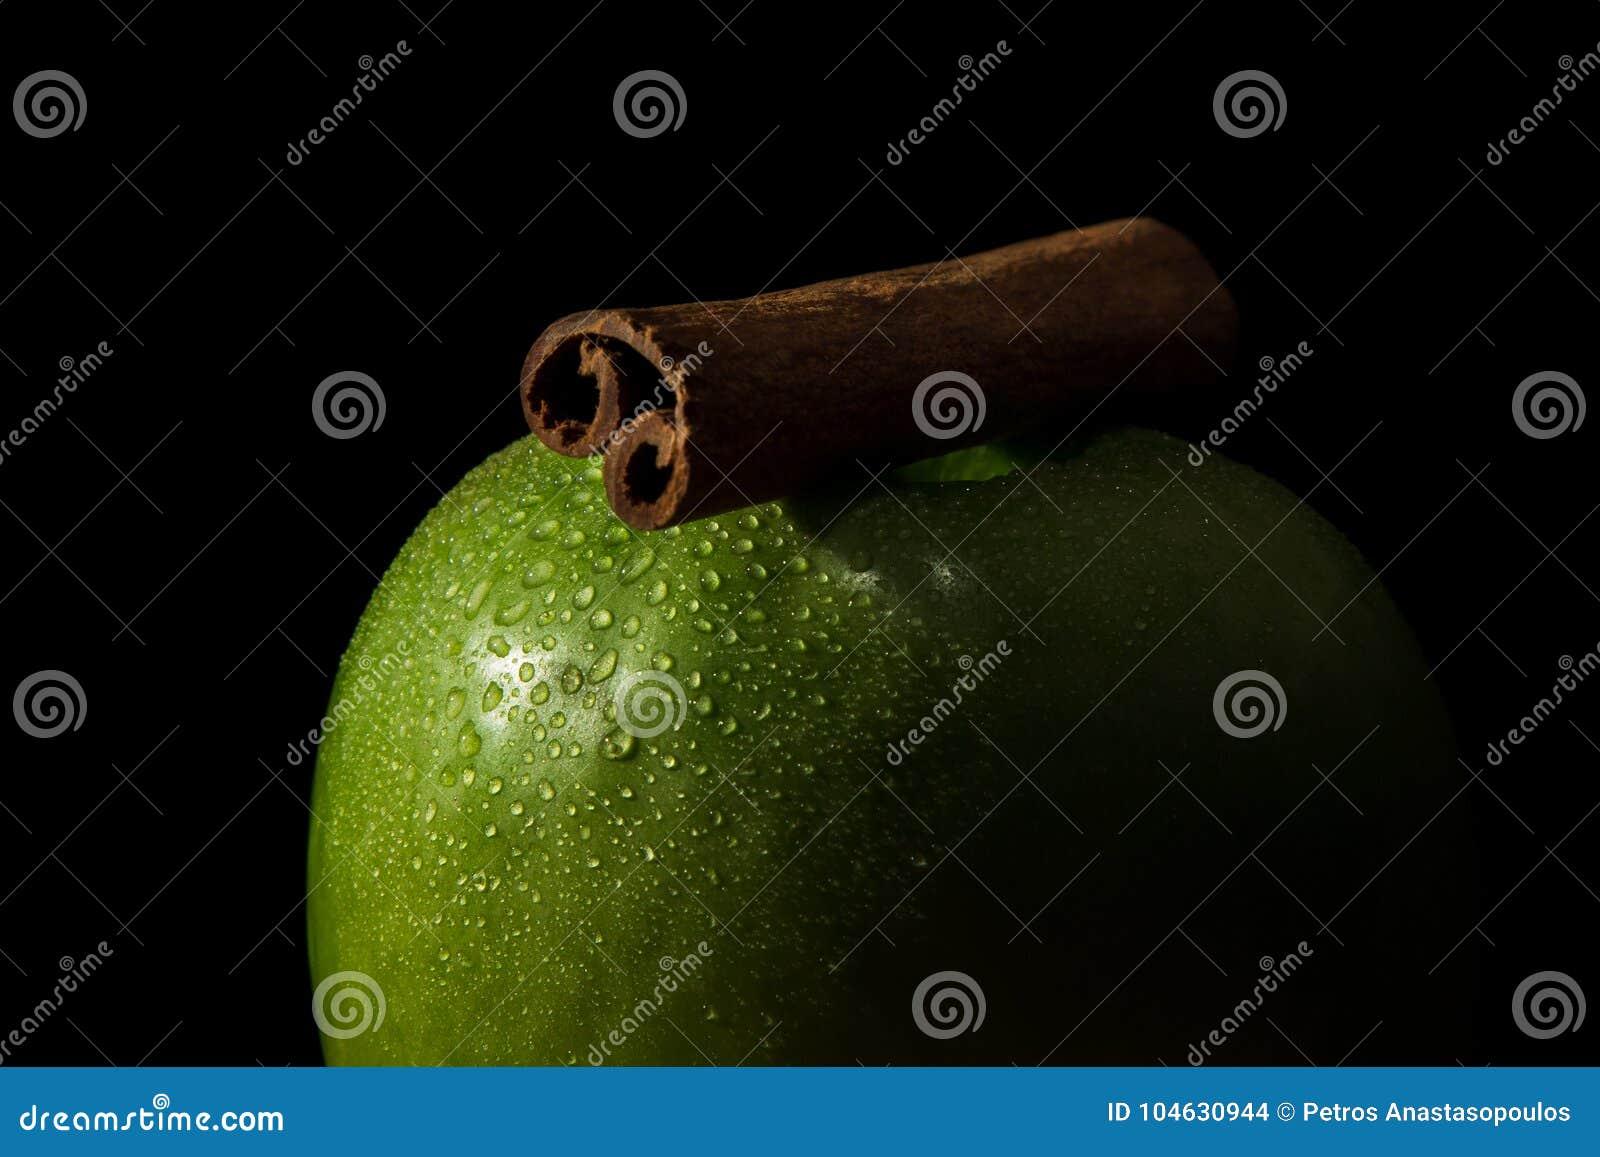 Download Groene appel en kaneel stock foto. Afbeelding bestaande uit appel - 104630944